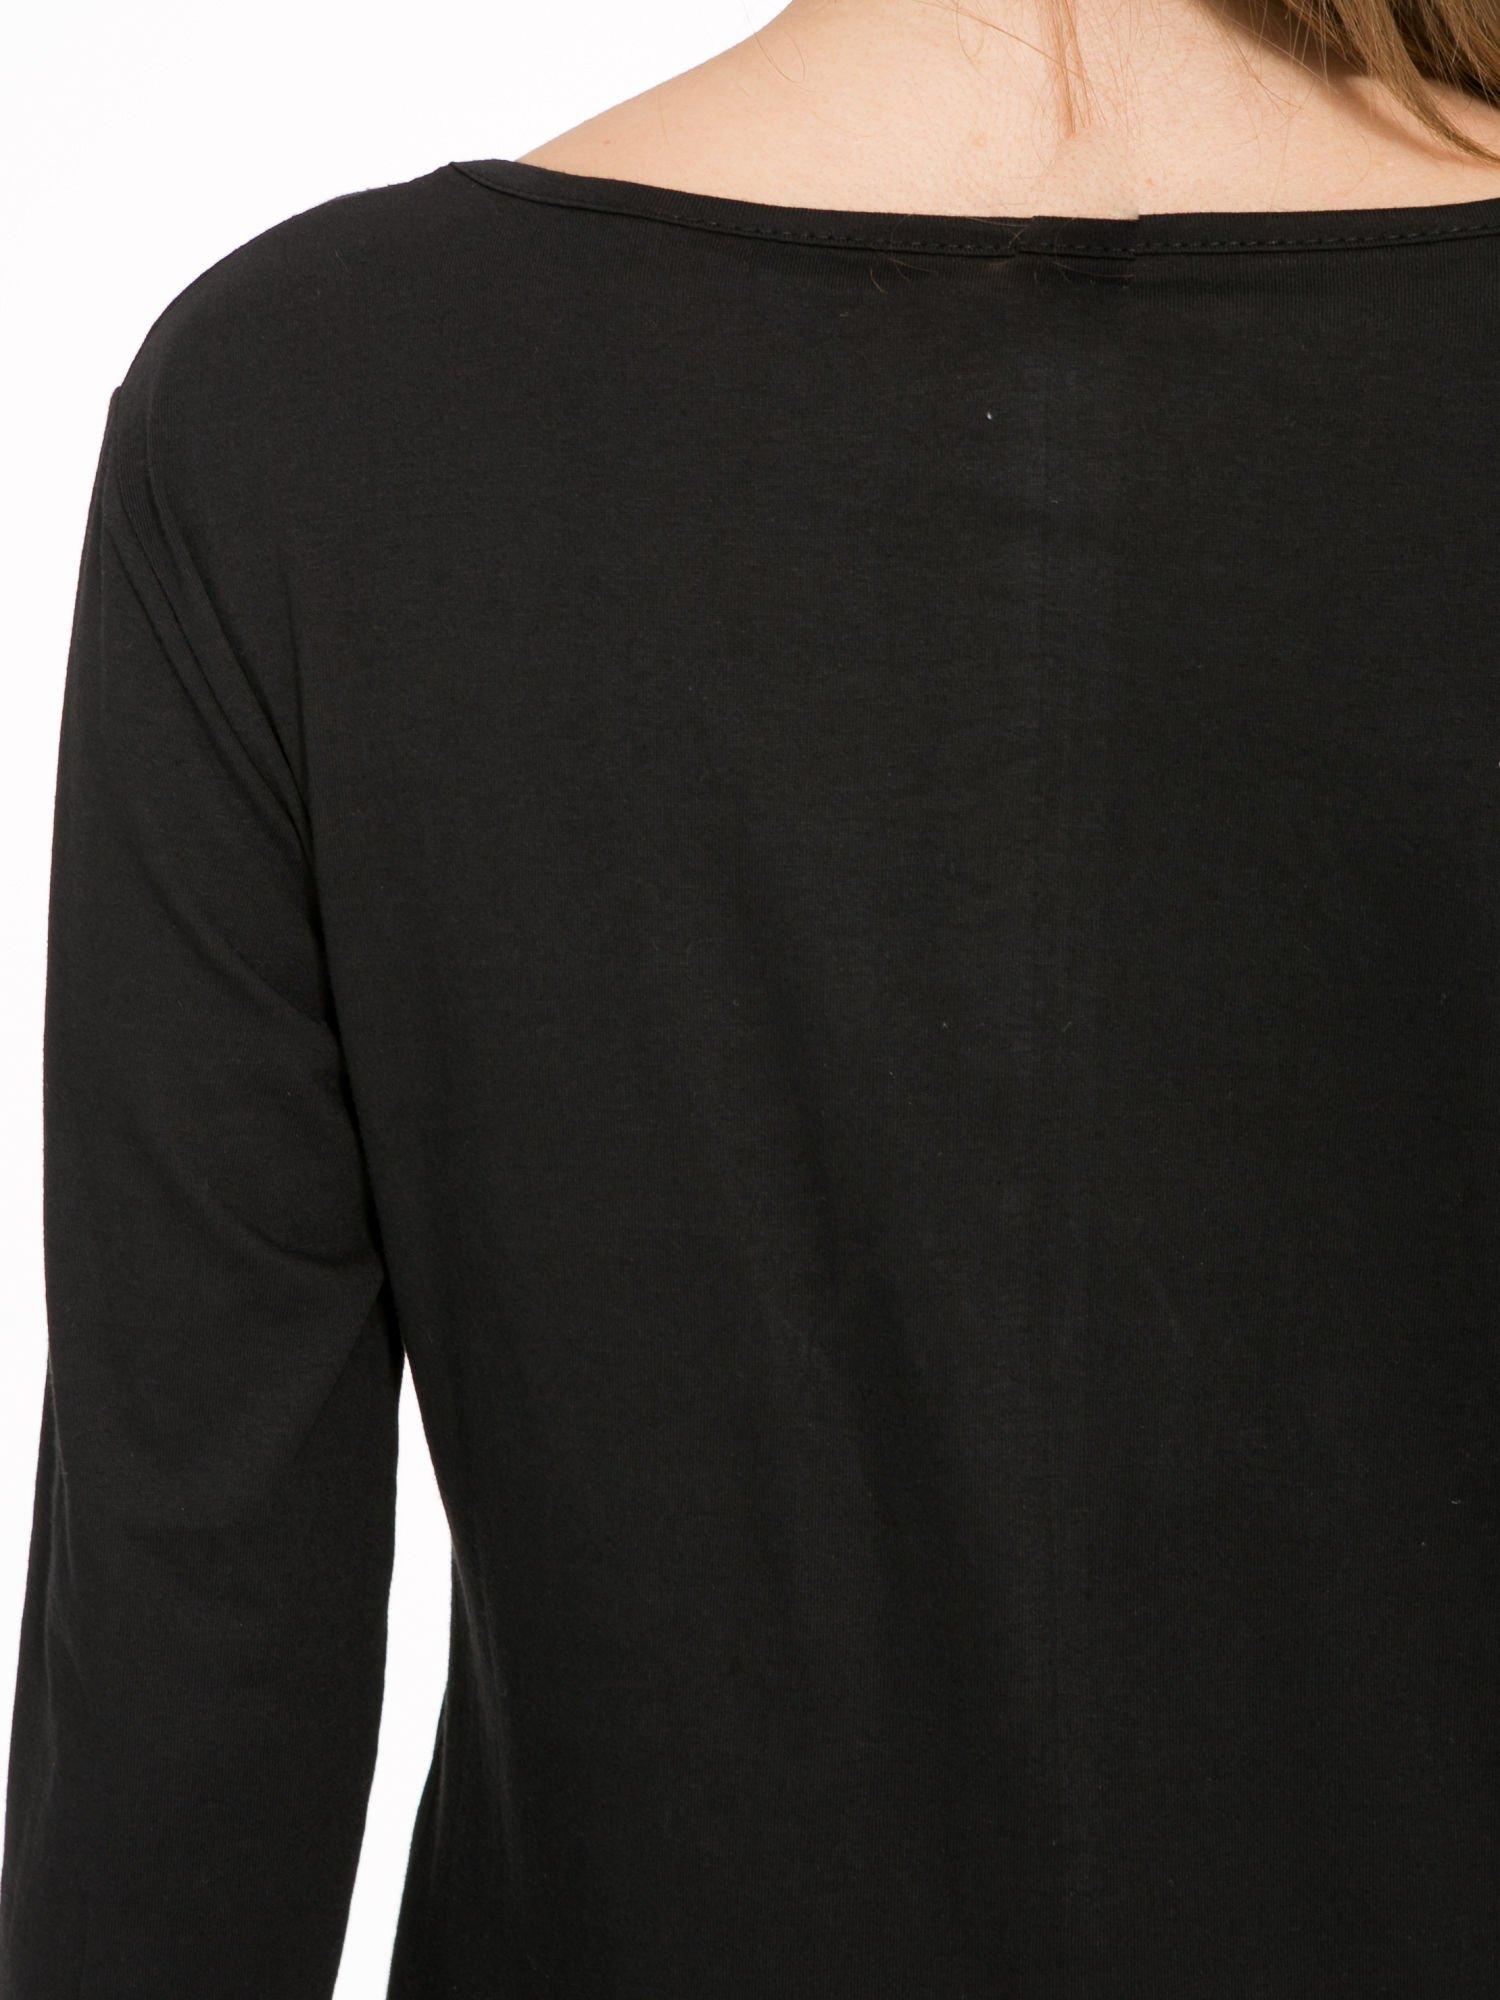 Czarna bluzka z fotografią dziewczyny                                  zdj.                                  8